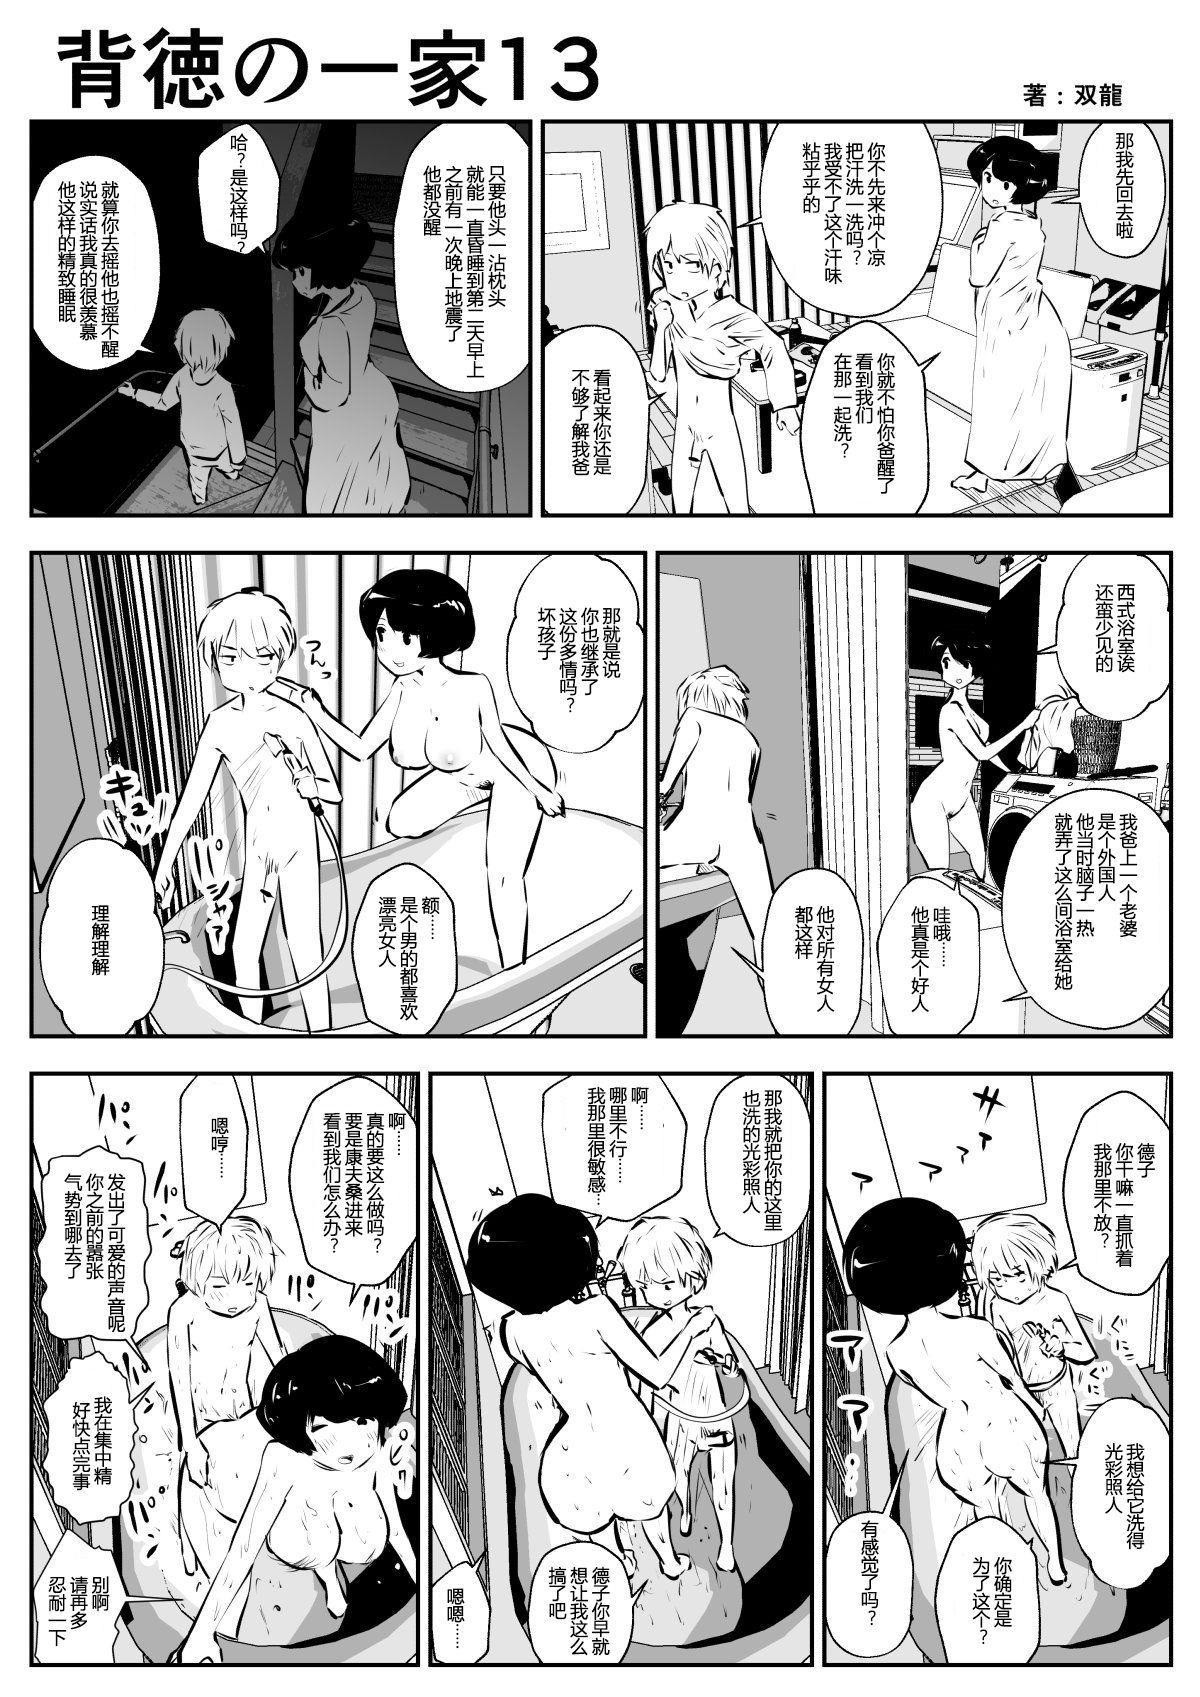 Haitoku no Ikka背德的一家 1-14 13